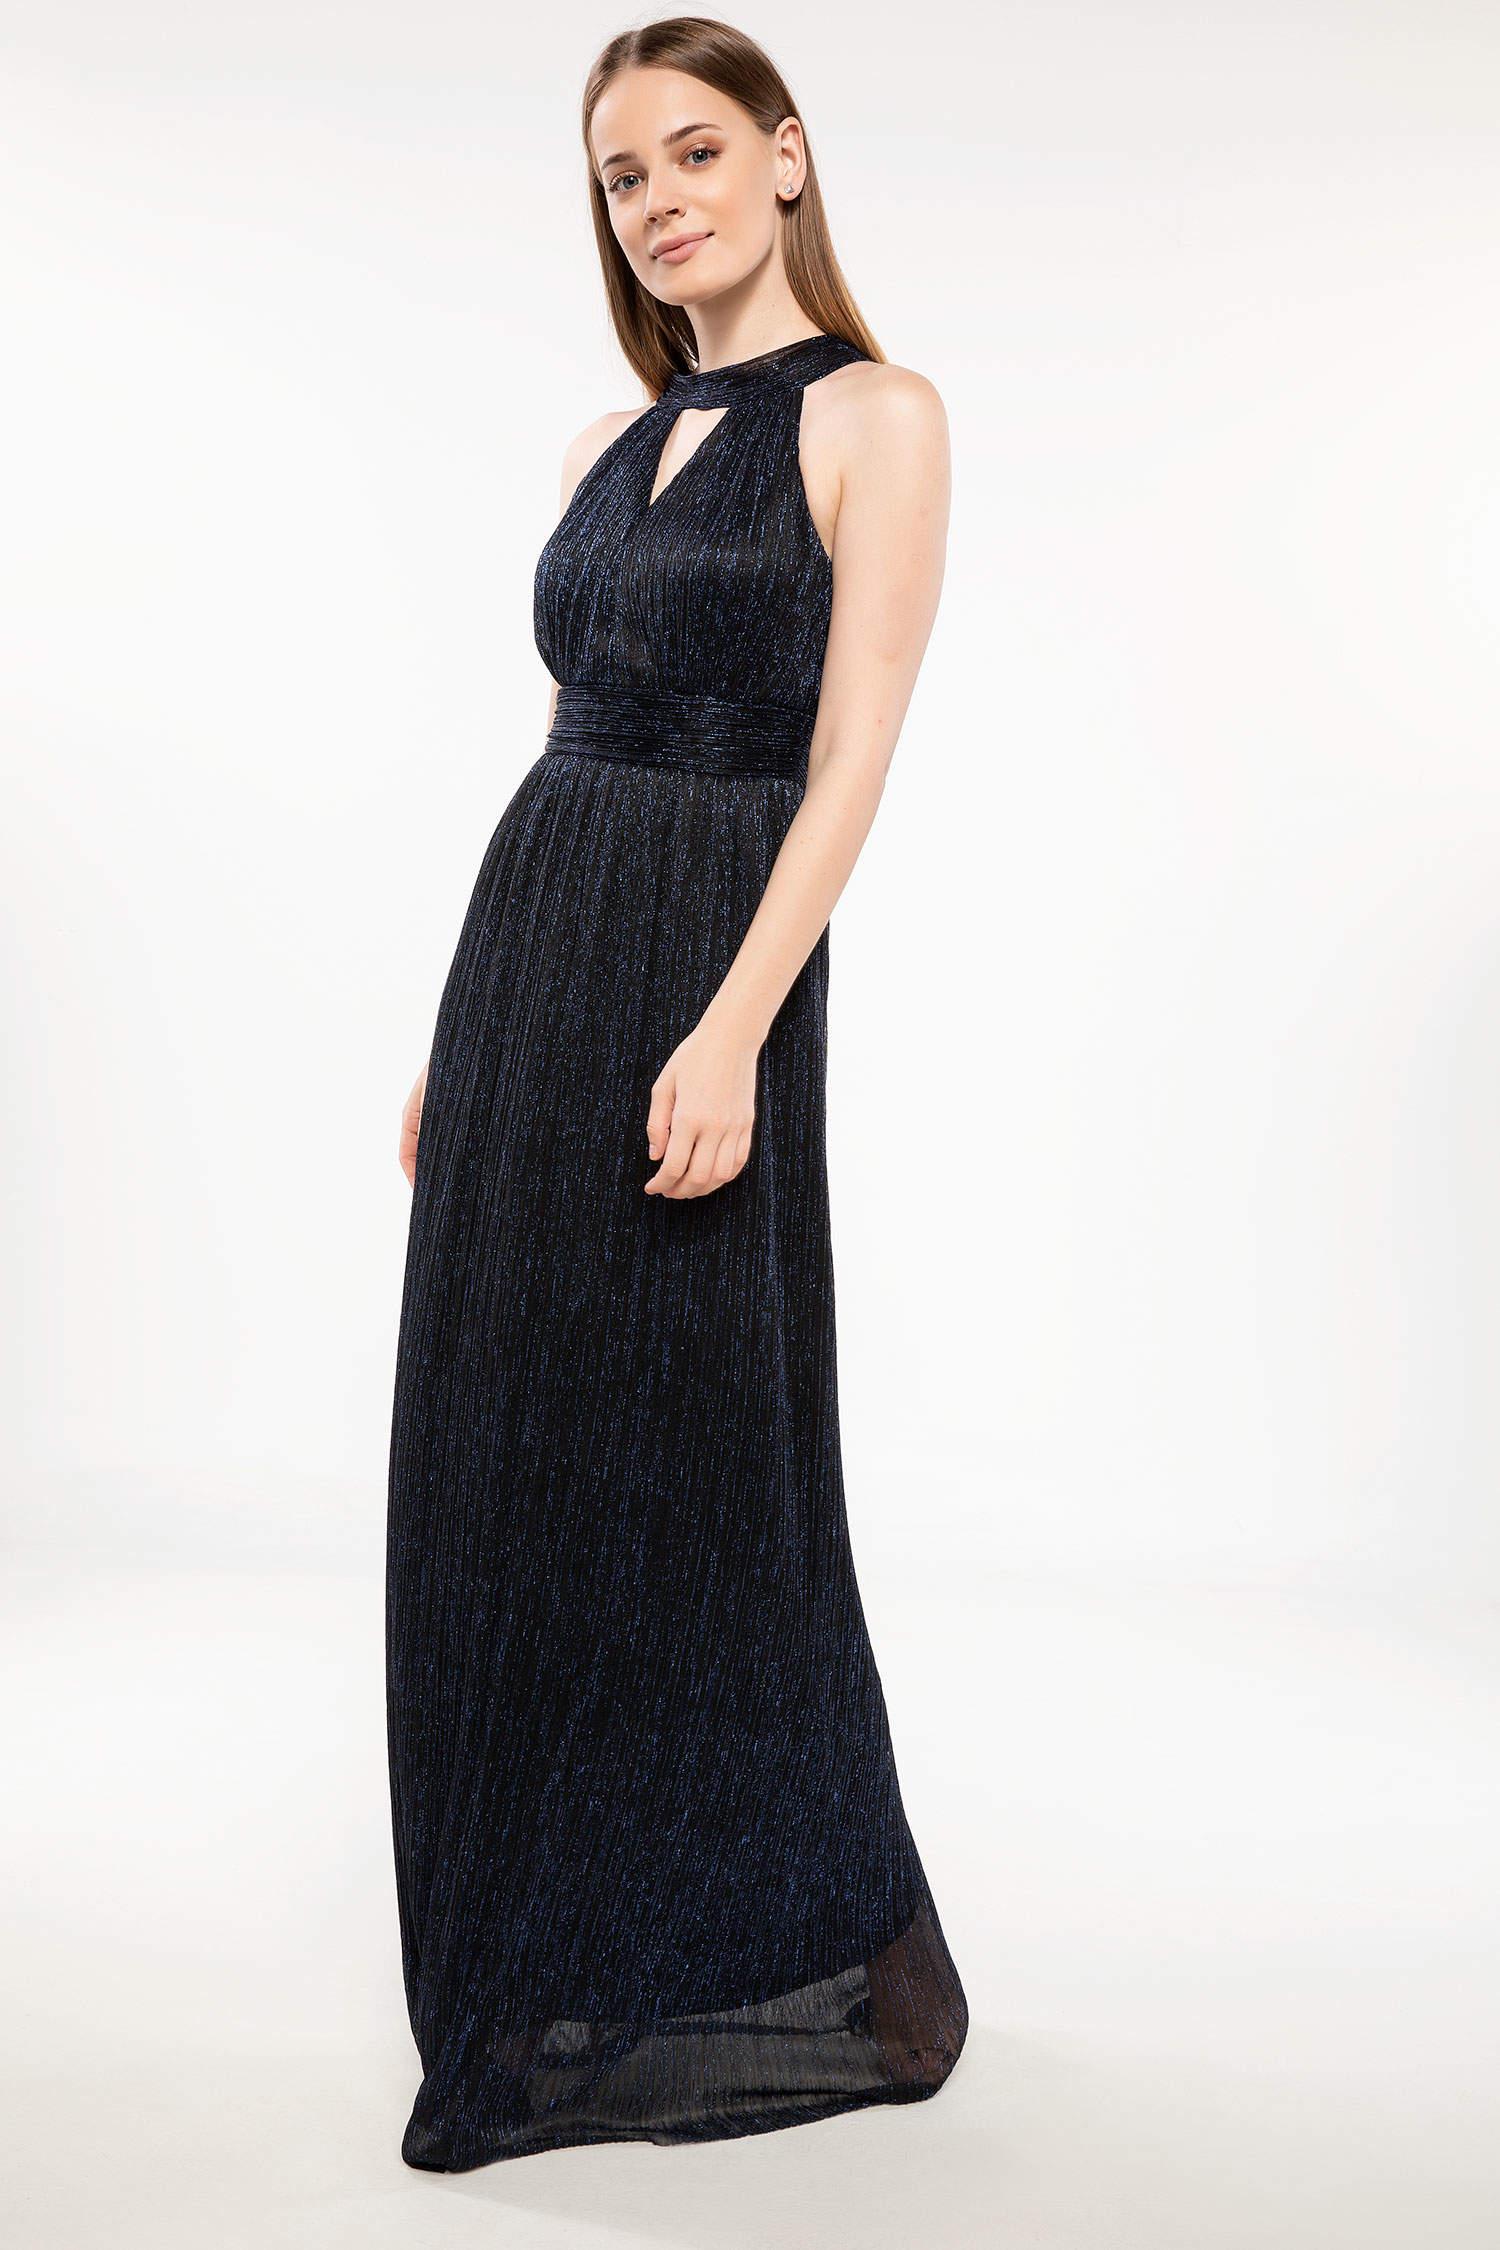 b563e4cf06ff0 Lacivert Kadın Halter Yaka Kuşak Detaylı Abiye Elbise 871498 | DeFacto